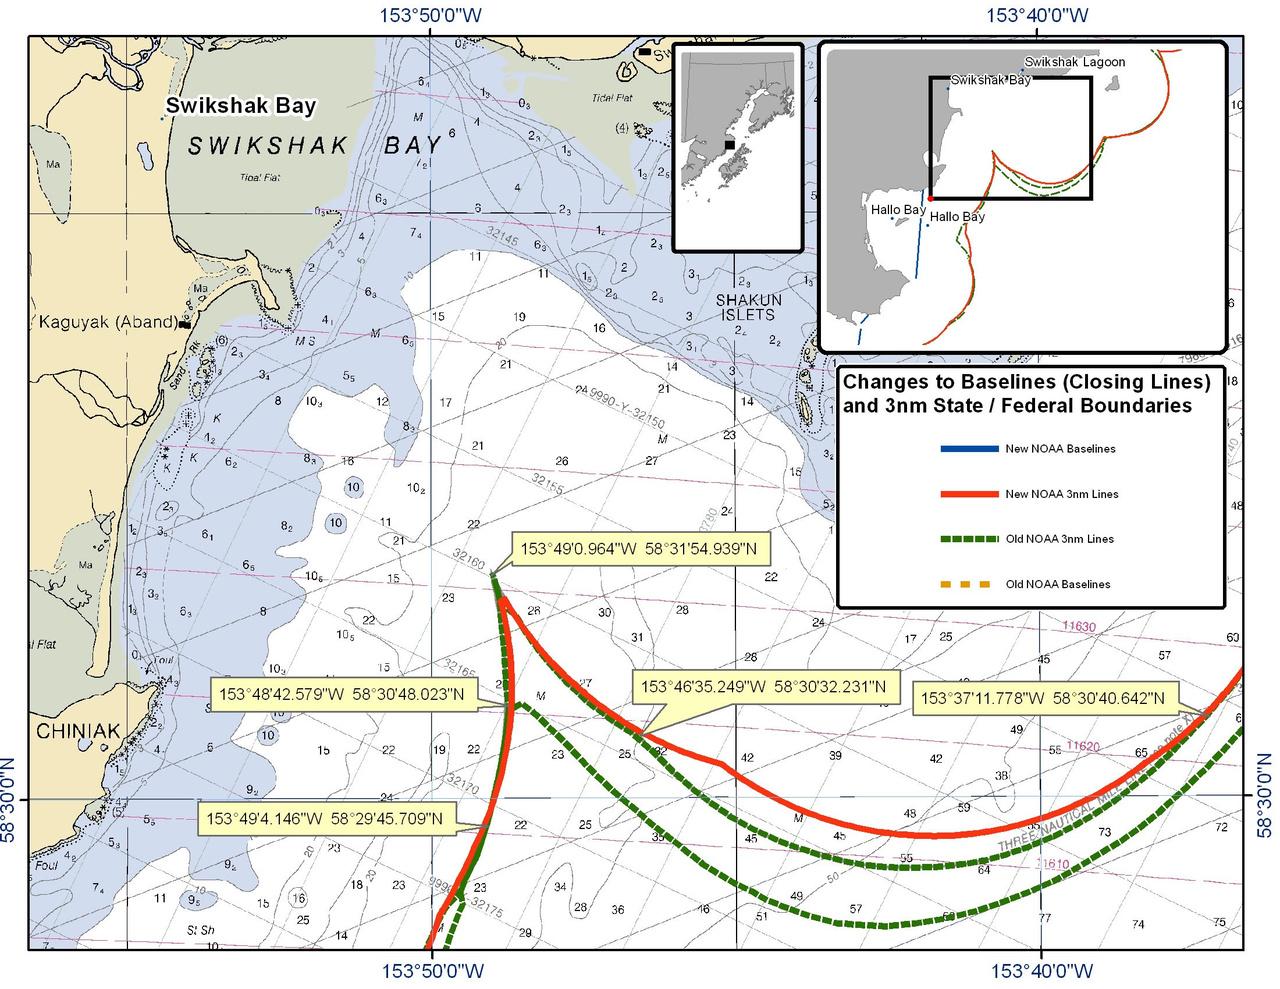 Chart for Swikshak Bay